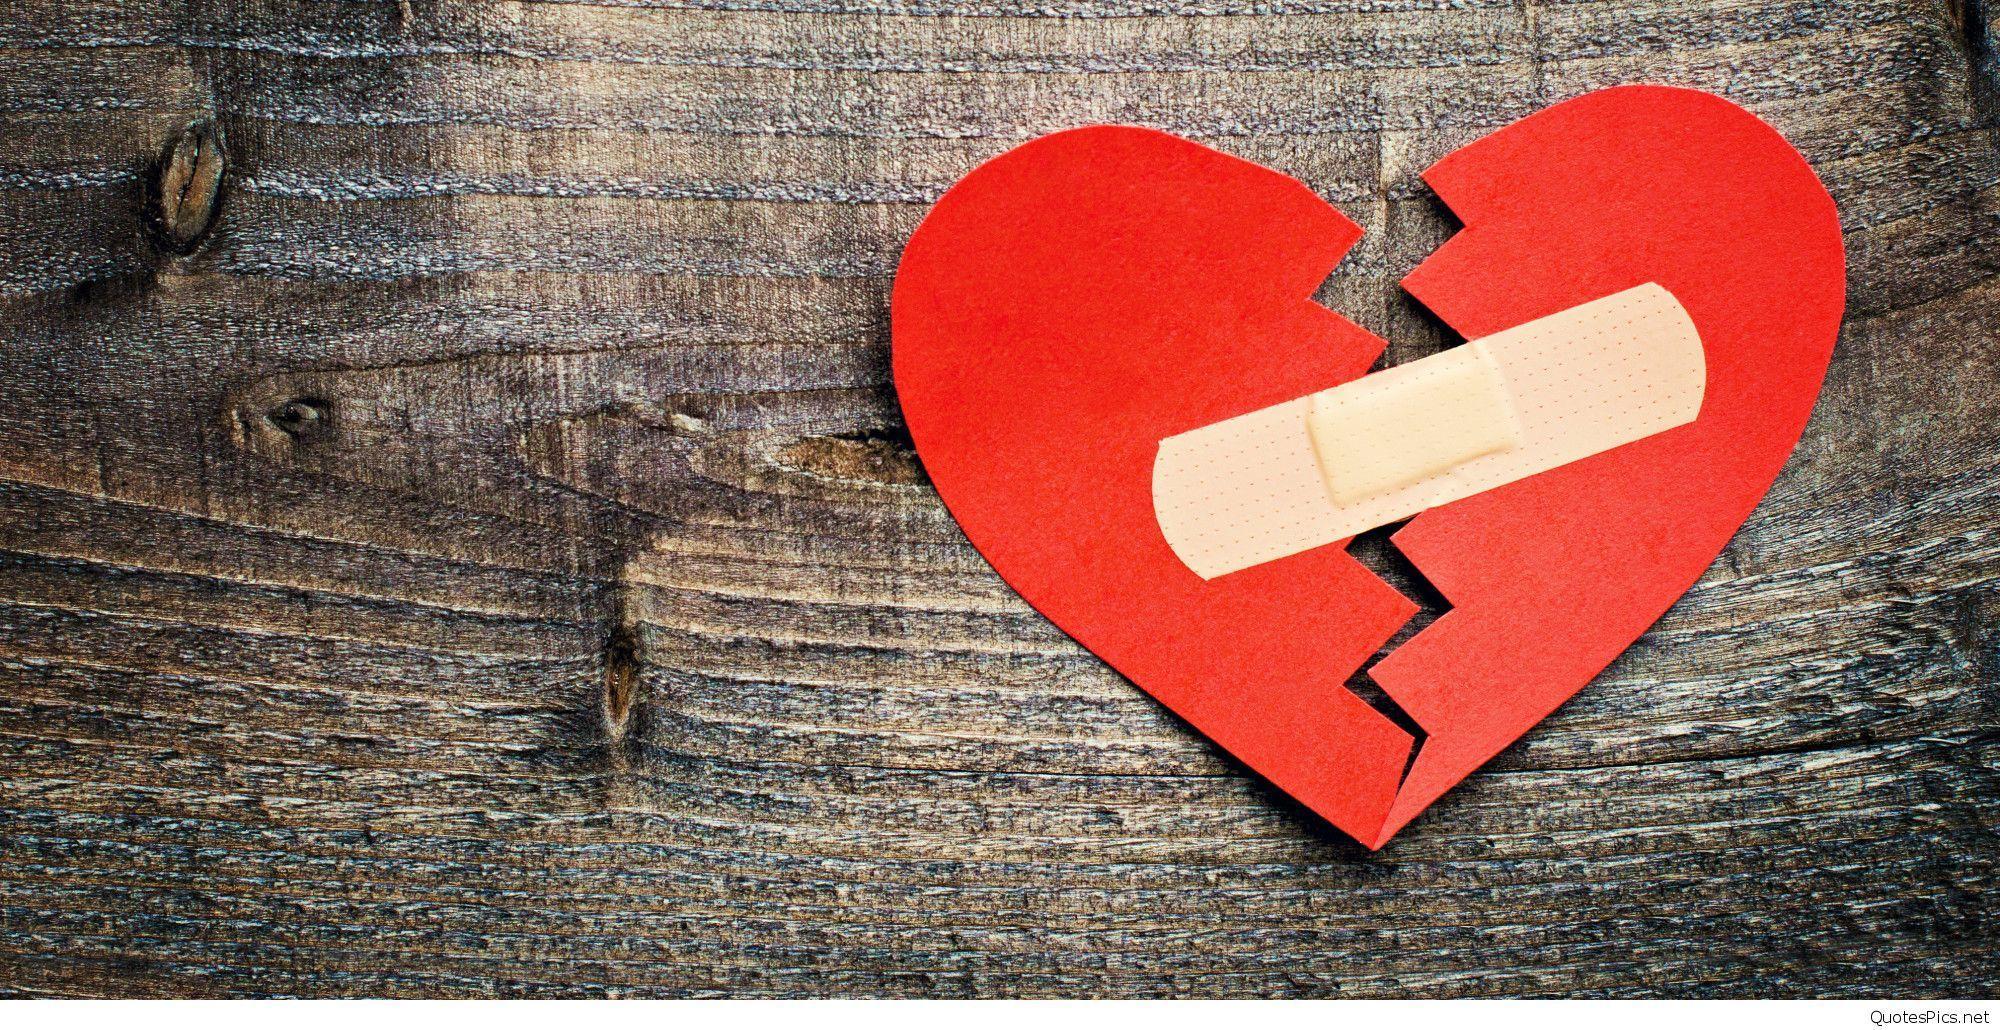 Broken Heart Wallpapers Hd Wallpaper Cave